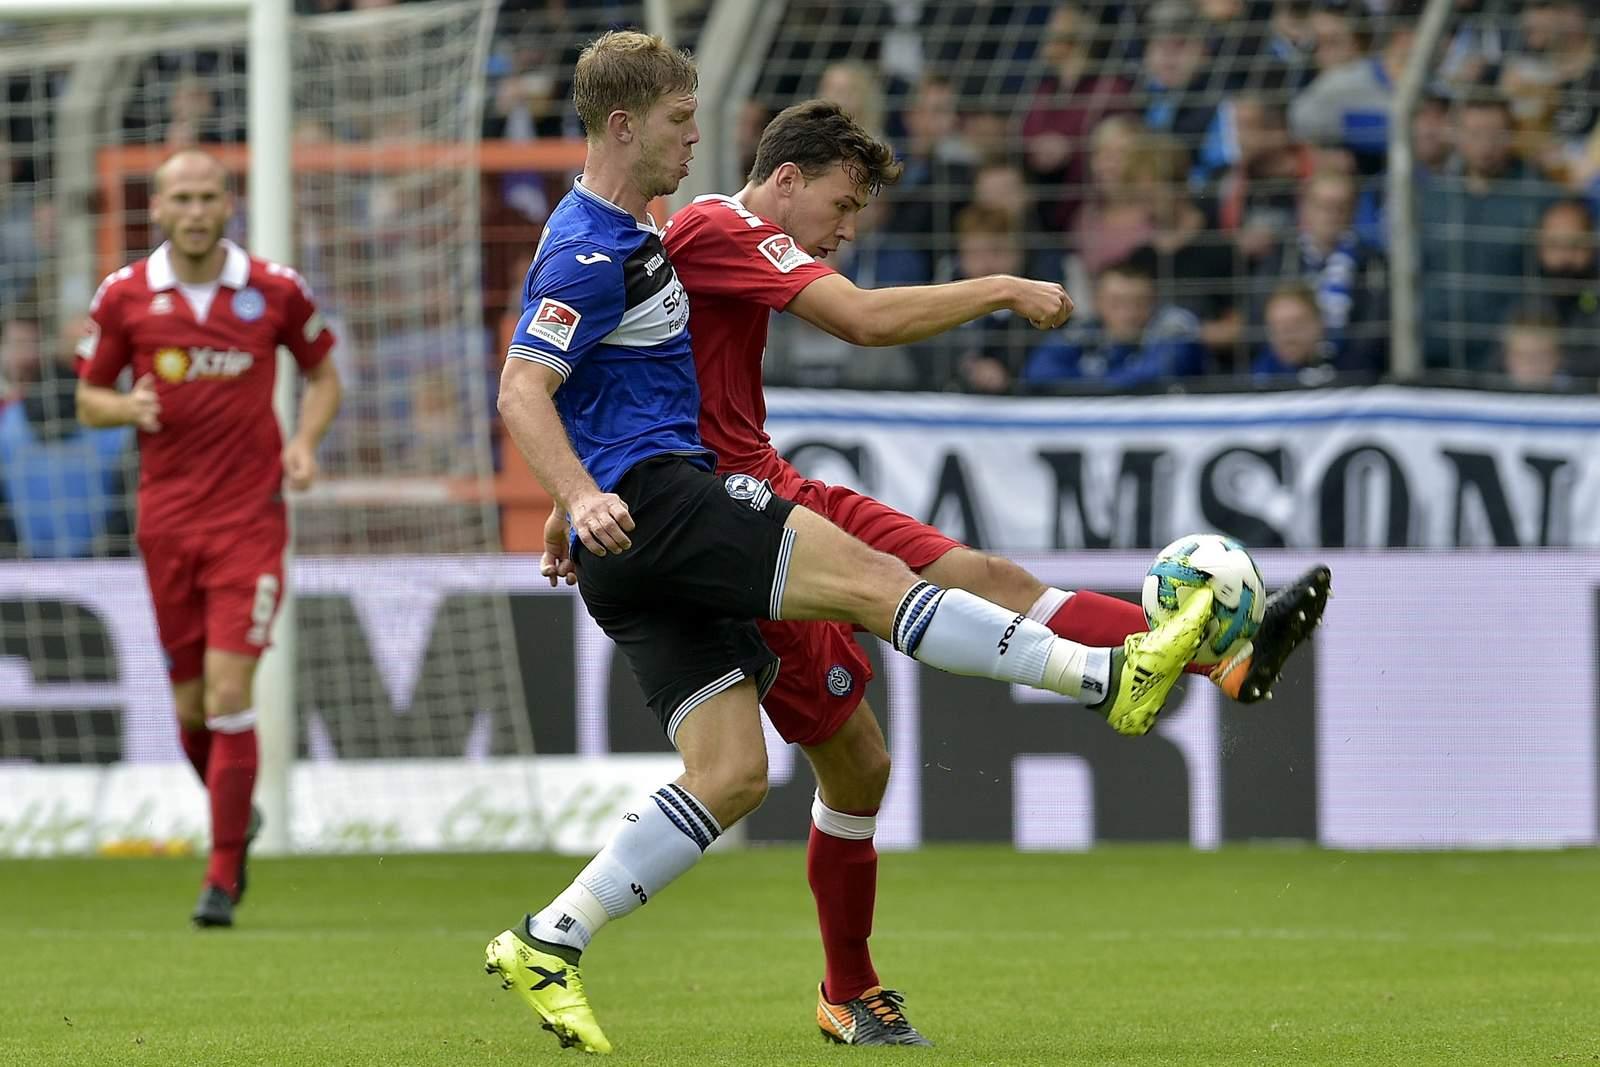 Setzt sich Lukas Fröde gegen Fabian Klos durch? Jetzt auf Bielefeld gegen Duisburg wetten.